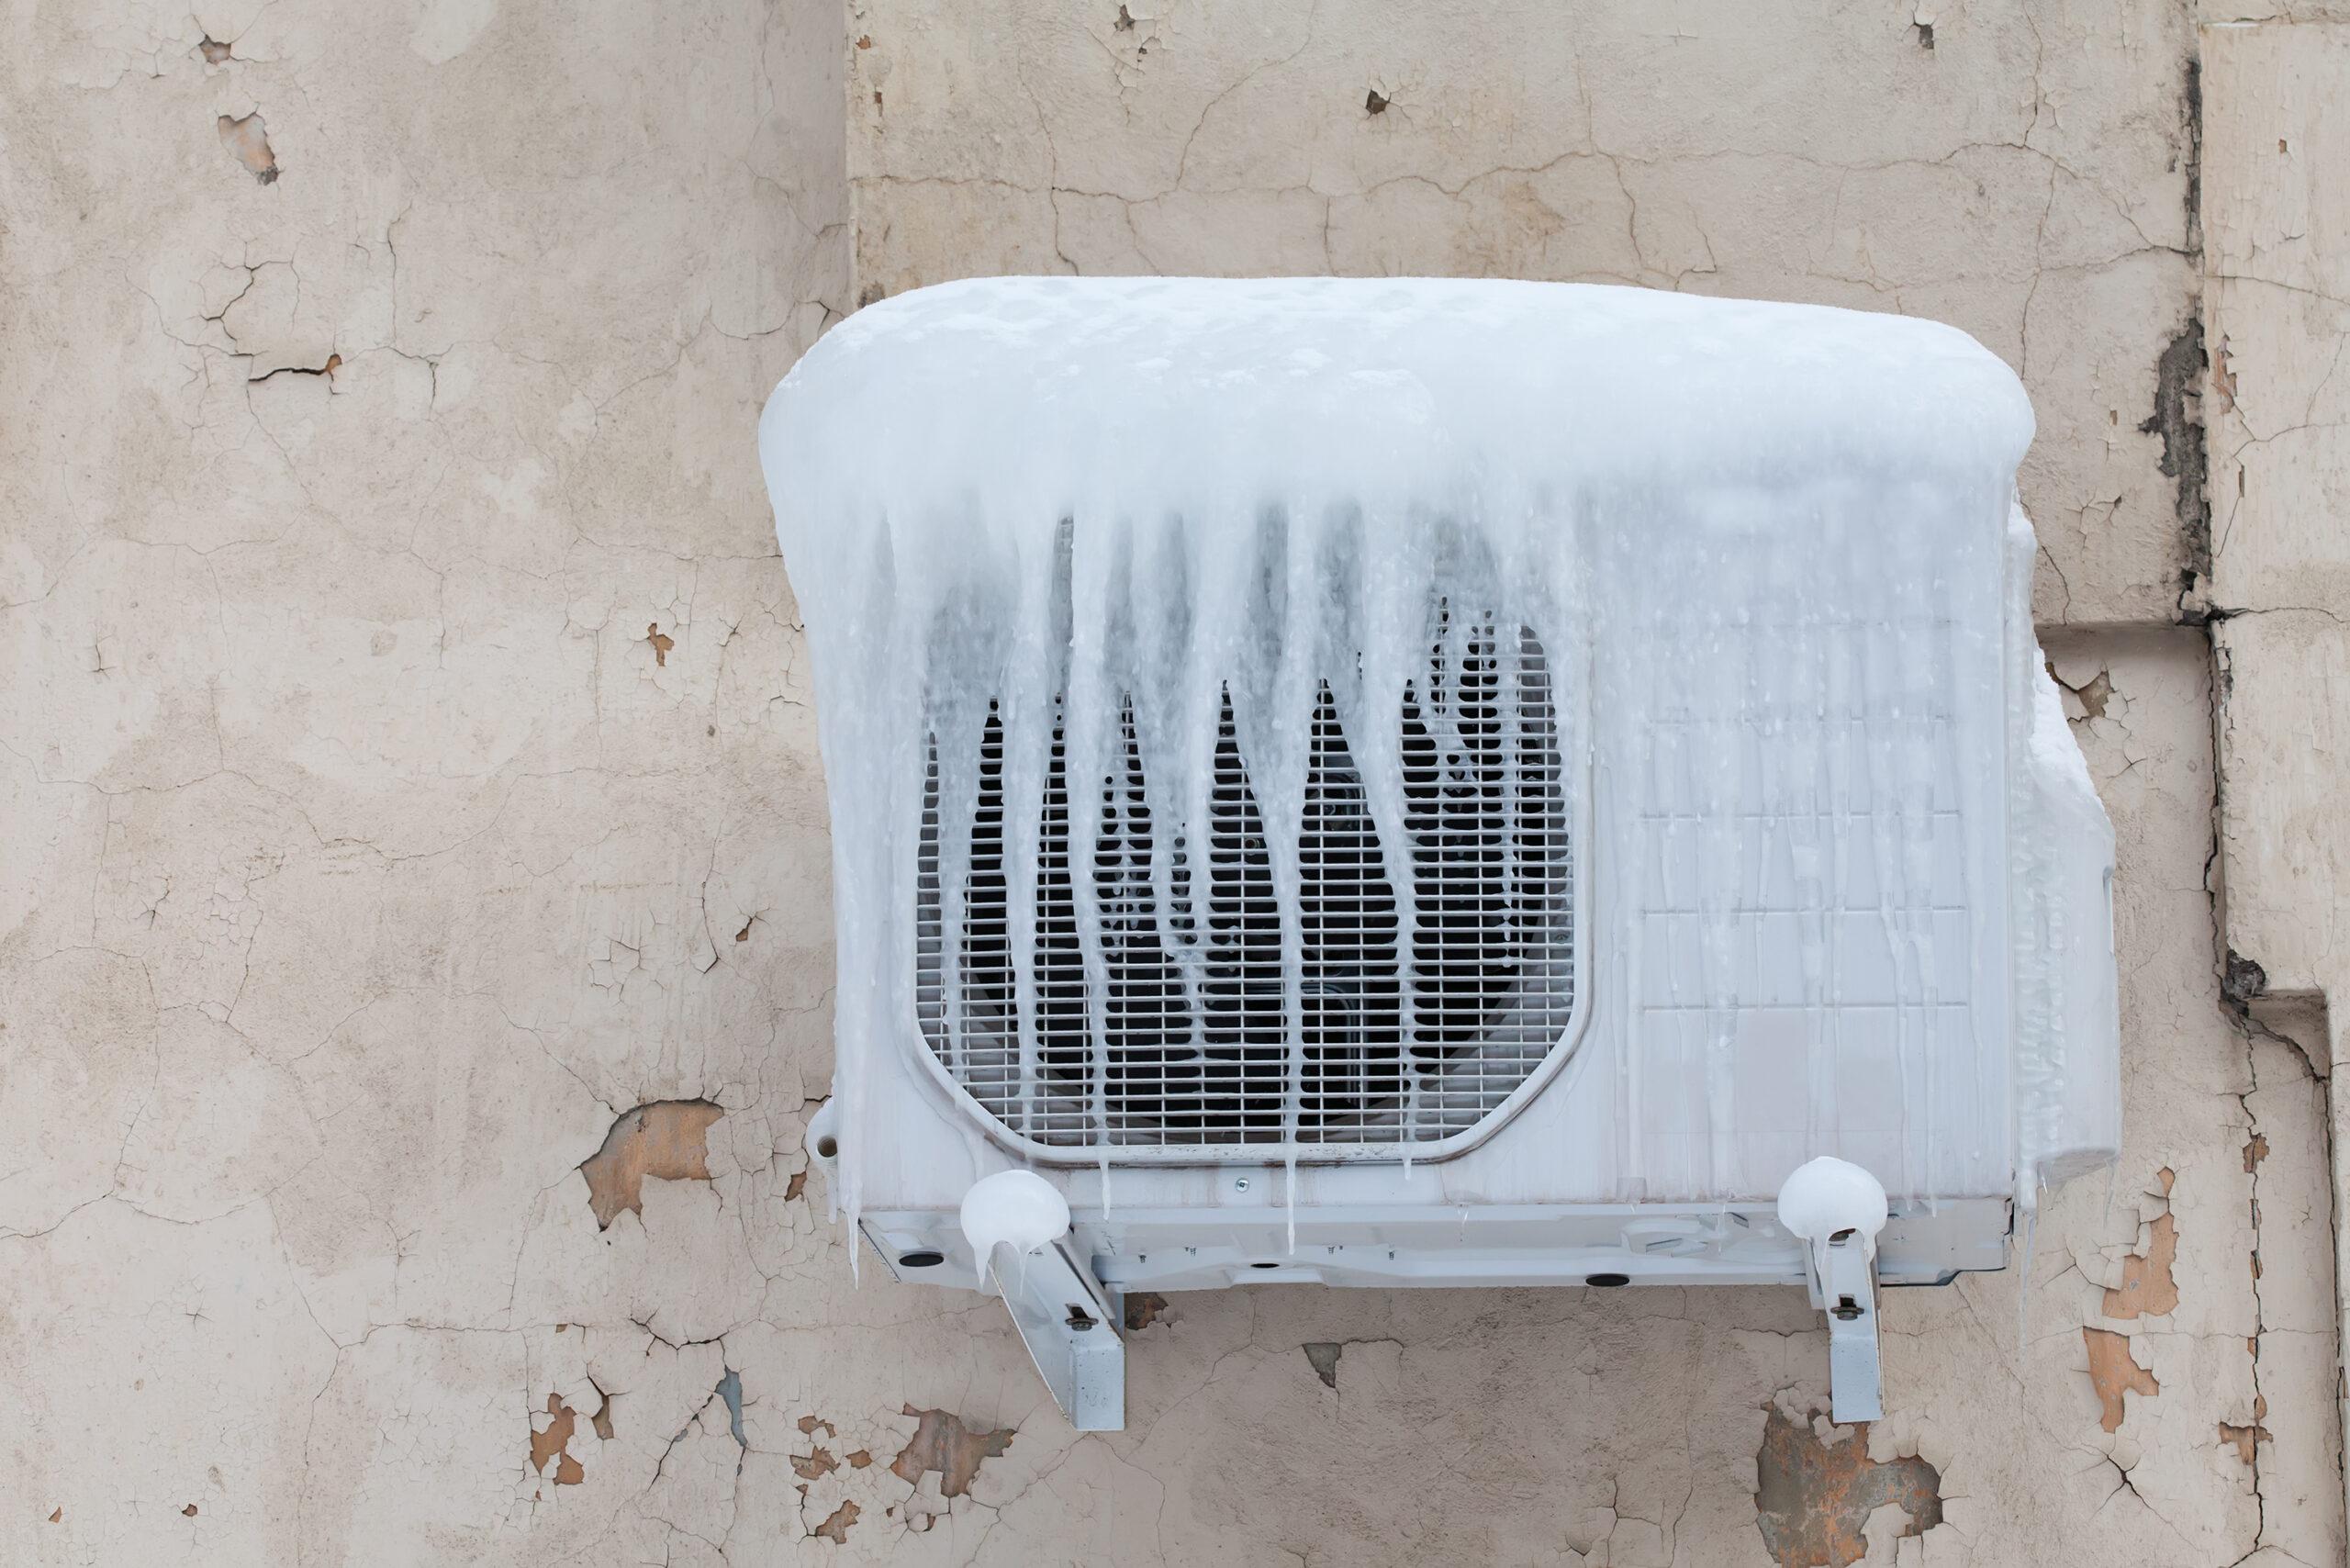 Zmrazování klimatizace aco to způsobuje